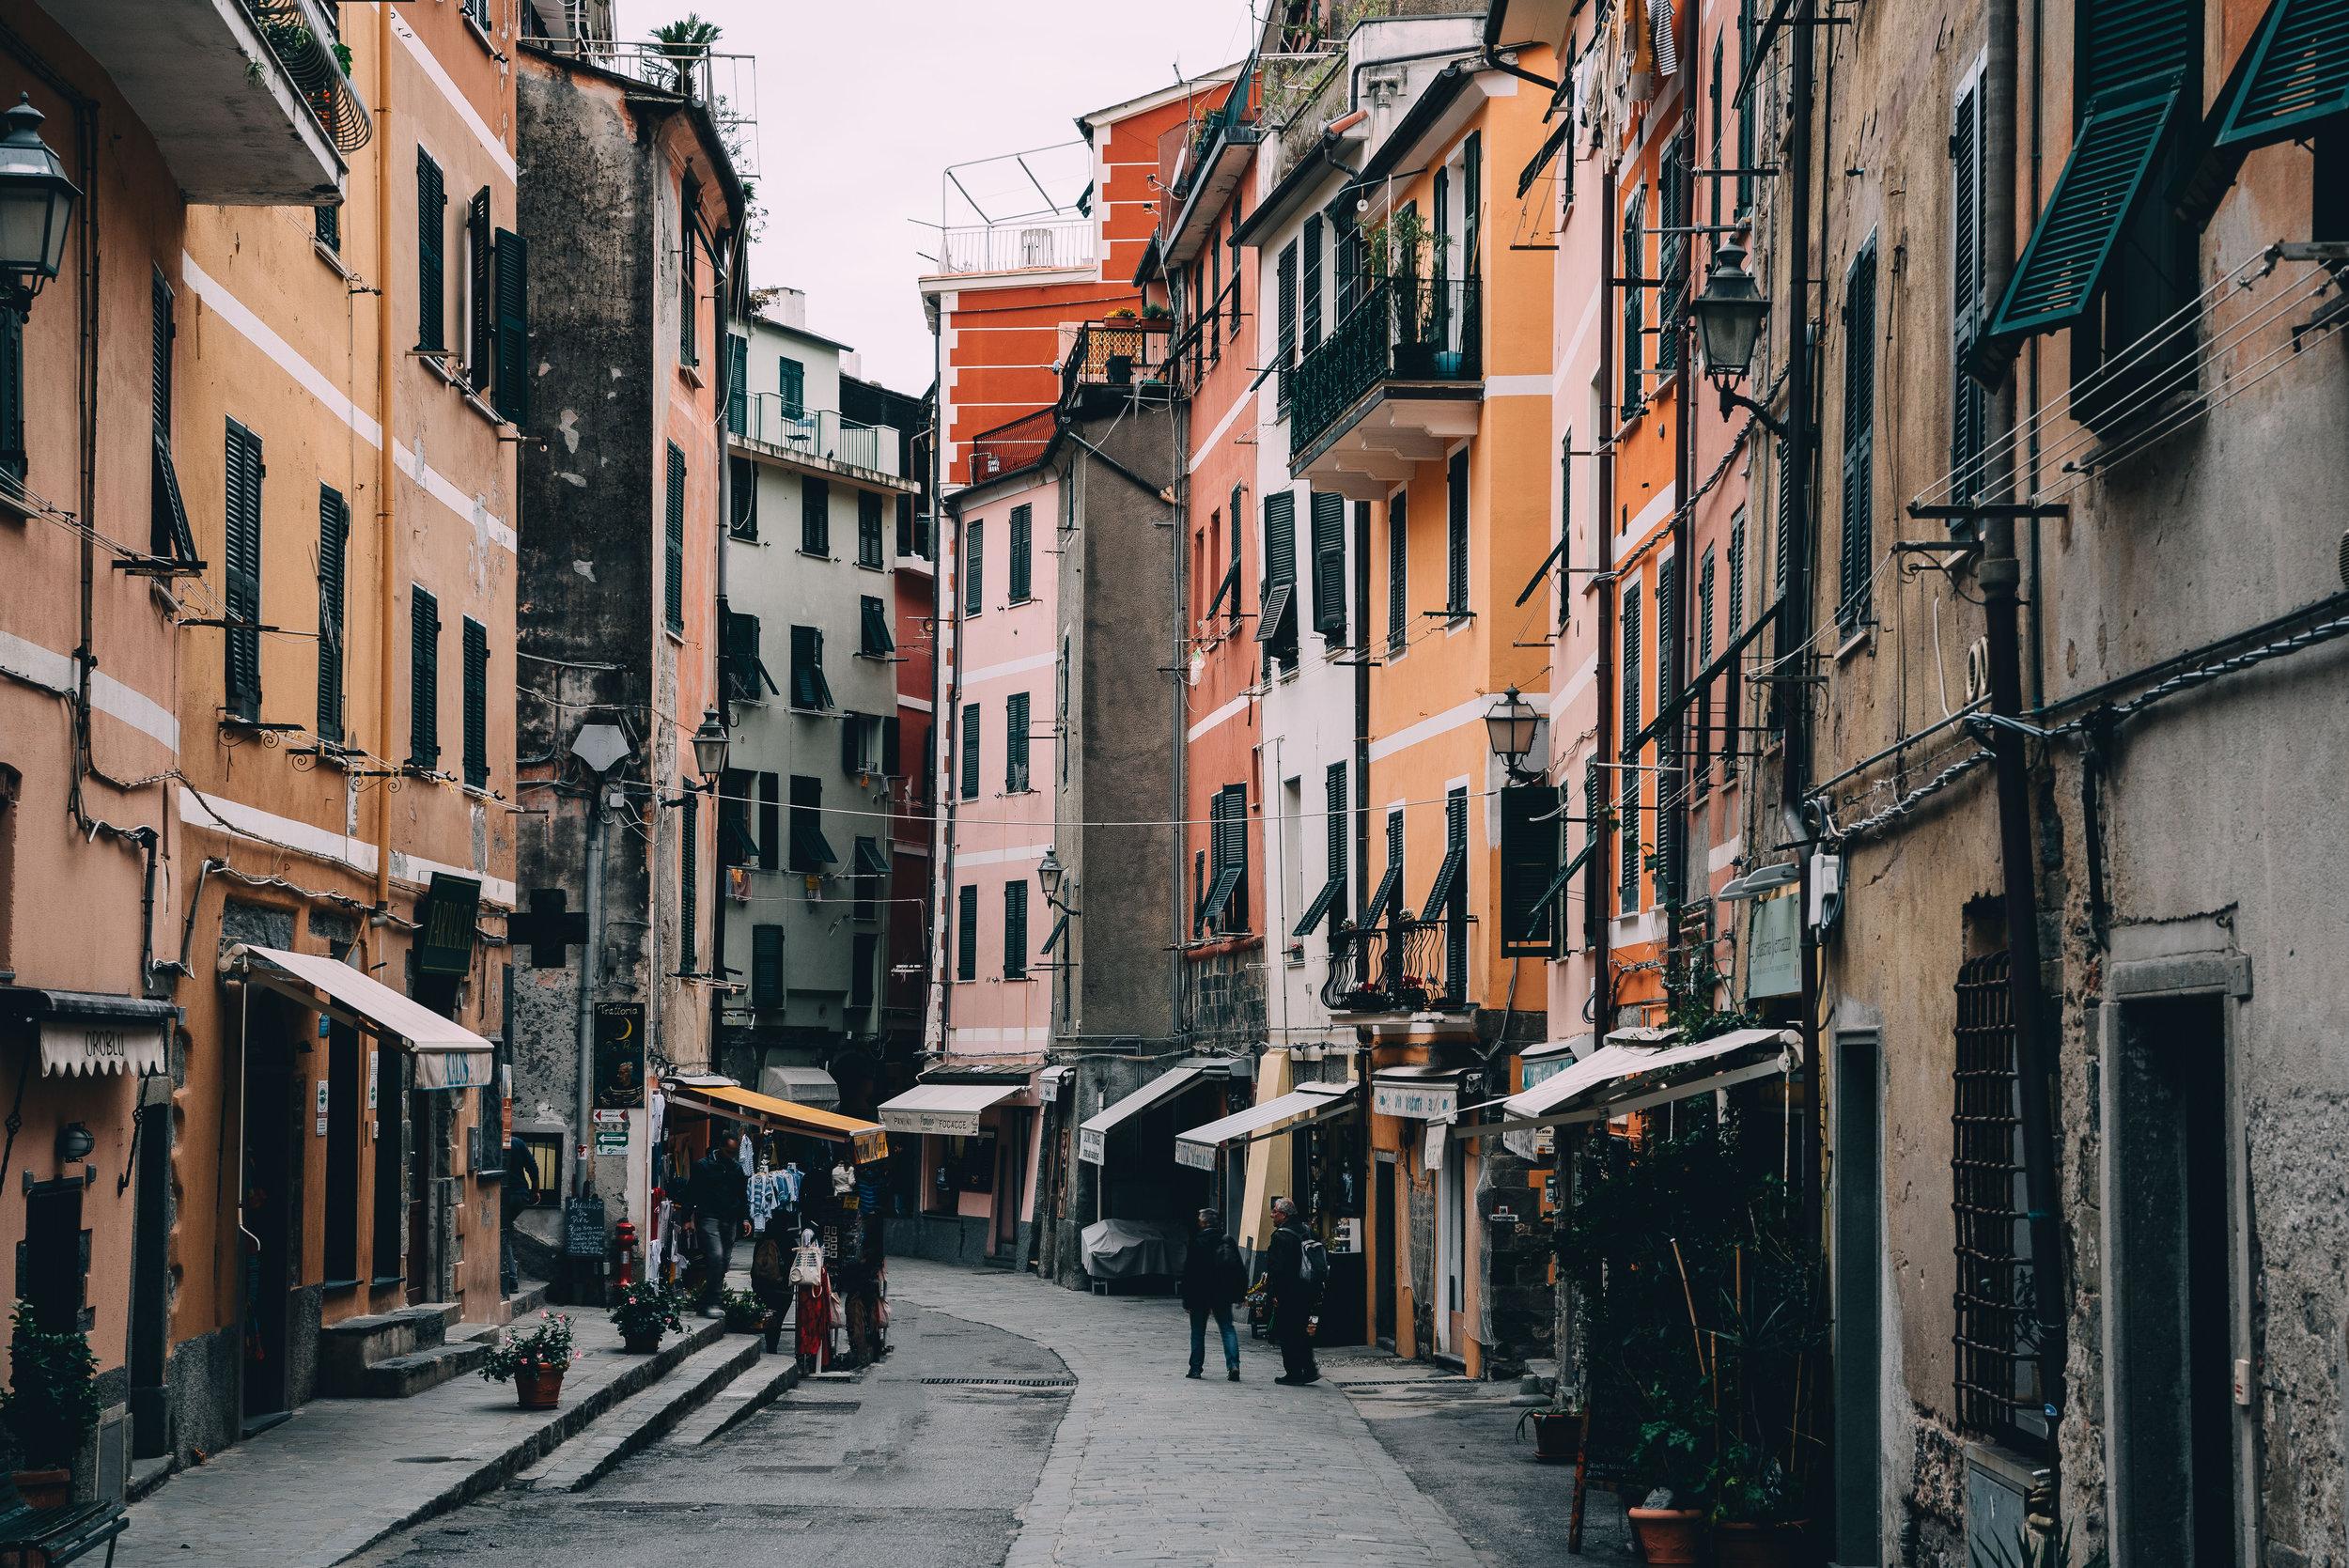 Vernazza Italy Main Street.jpg